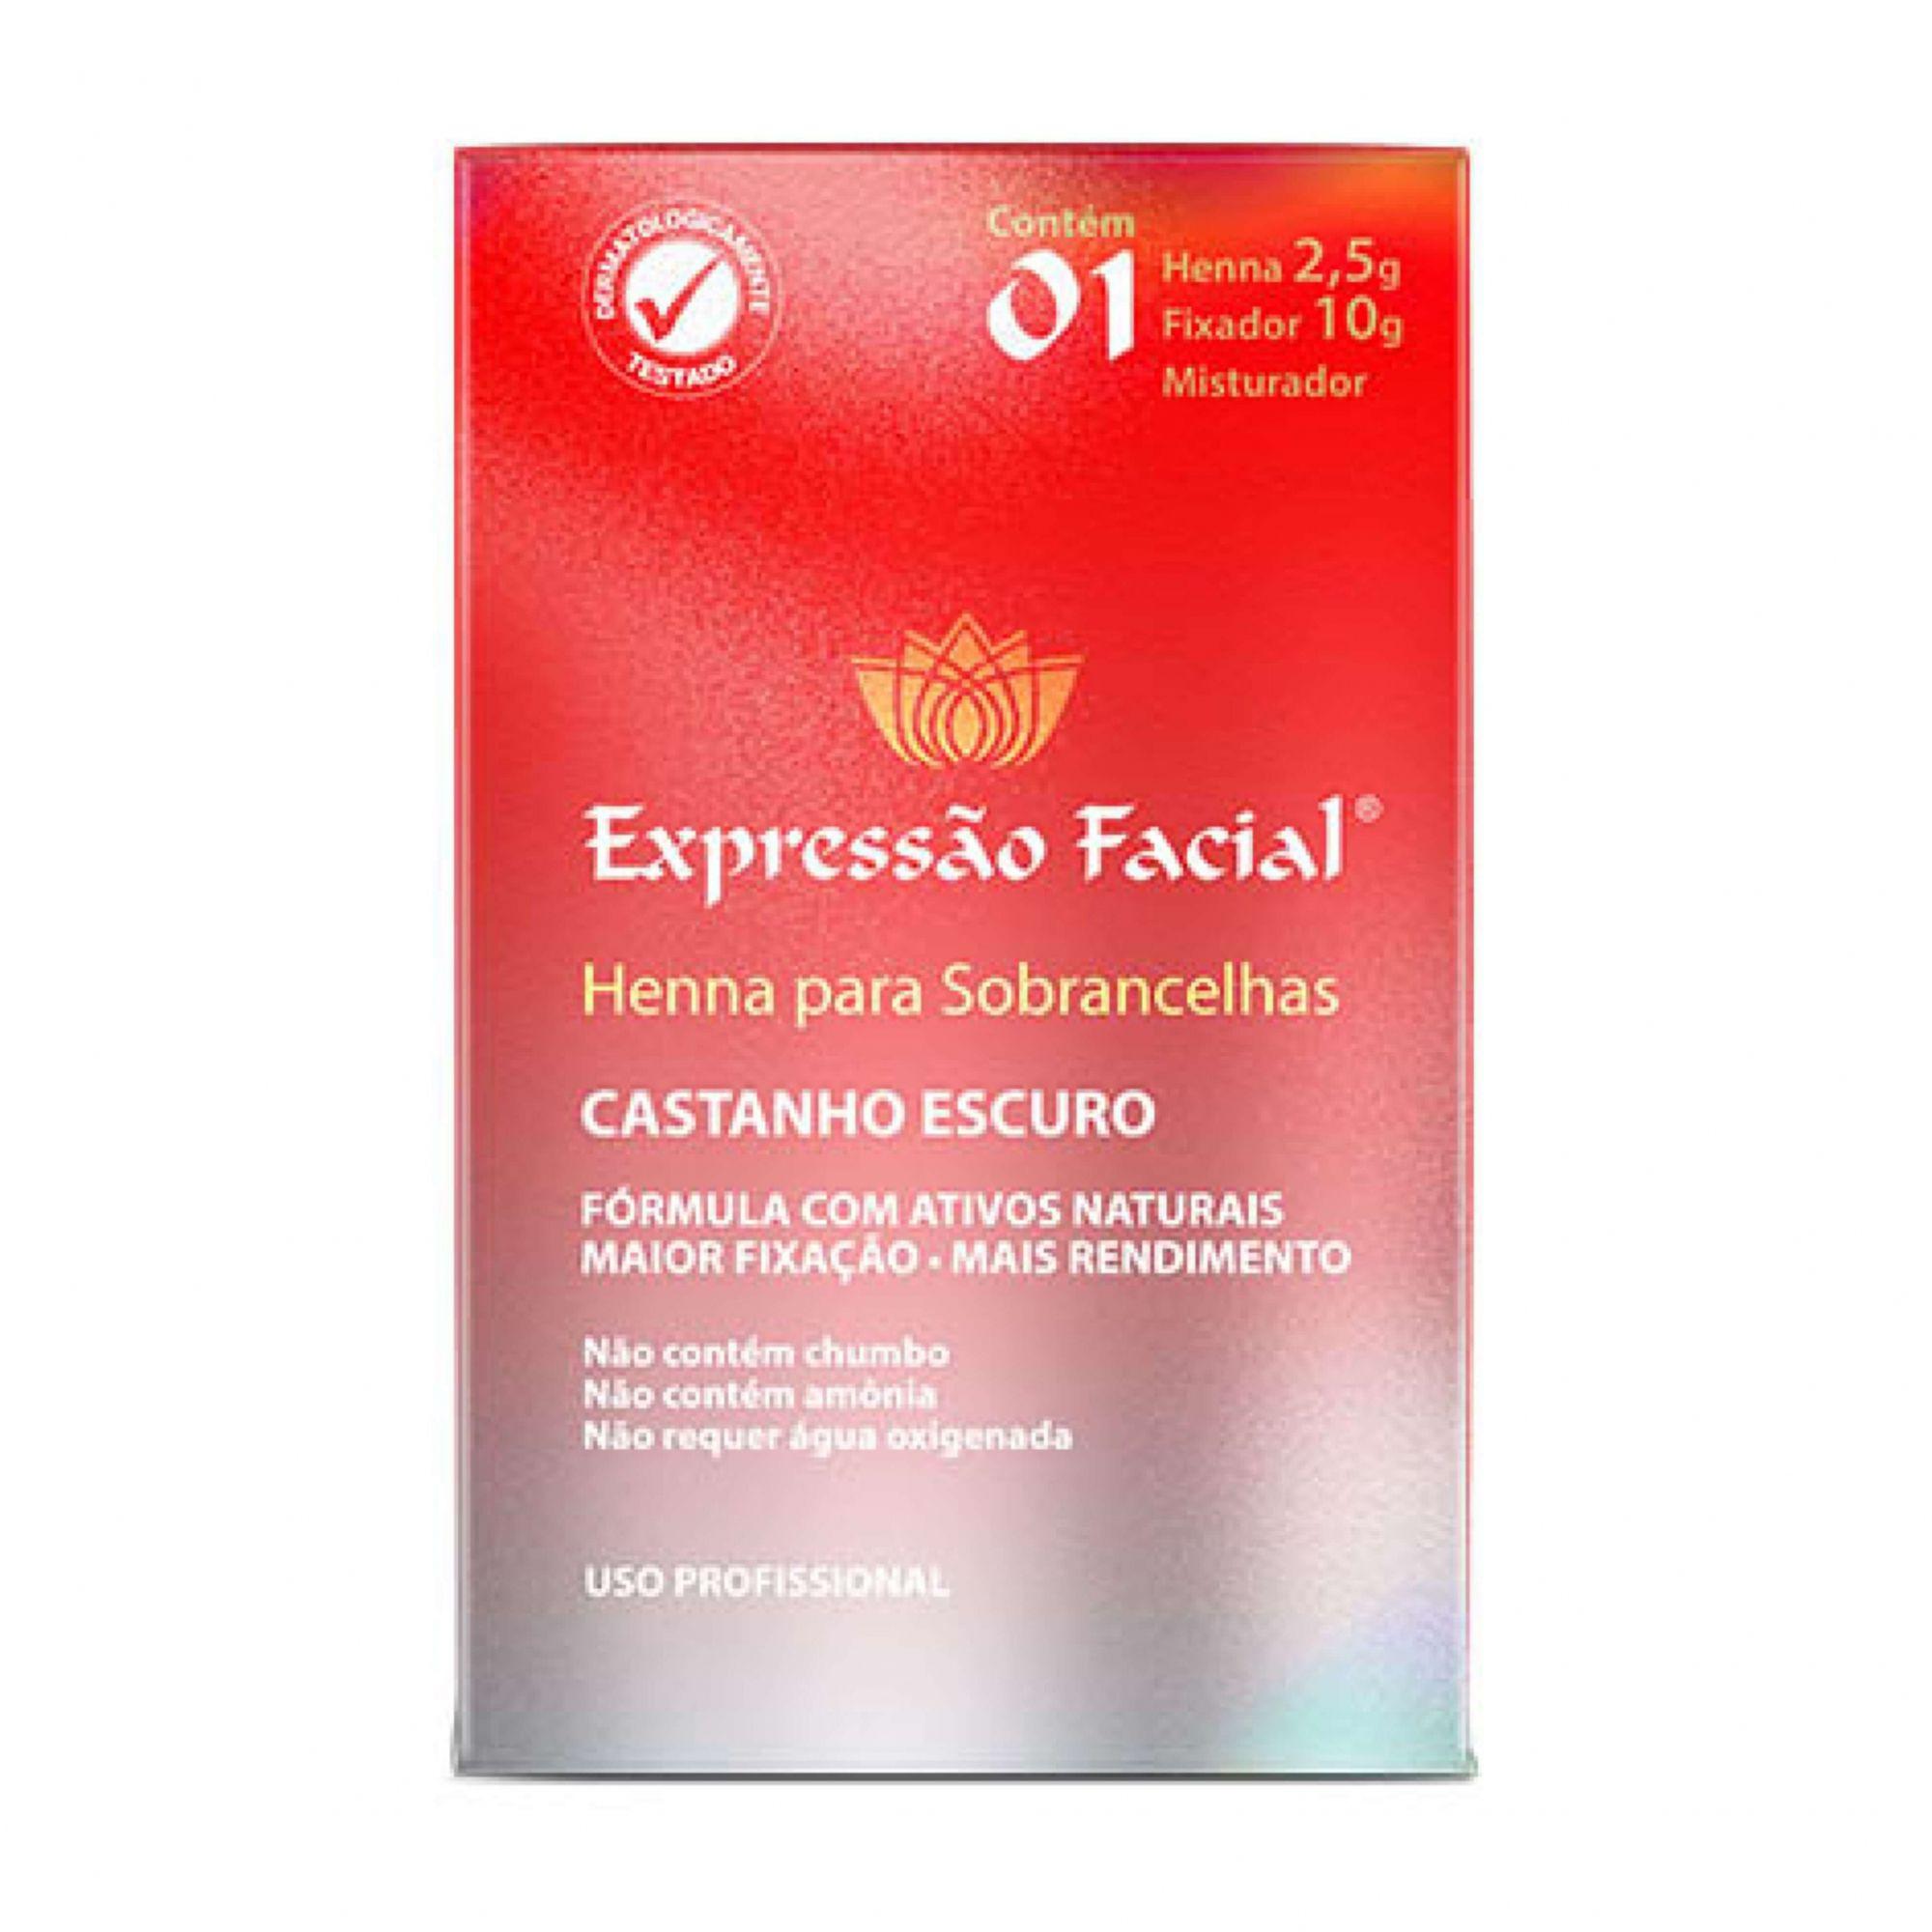 Henna para Sobrancelha Castanho Escuro 2,5g + Fixador 10g Expressão Facial